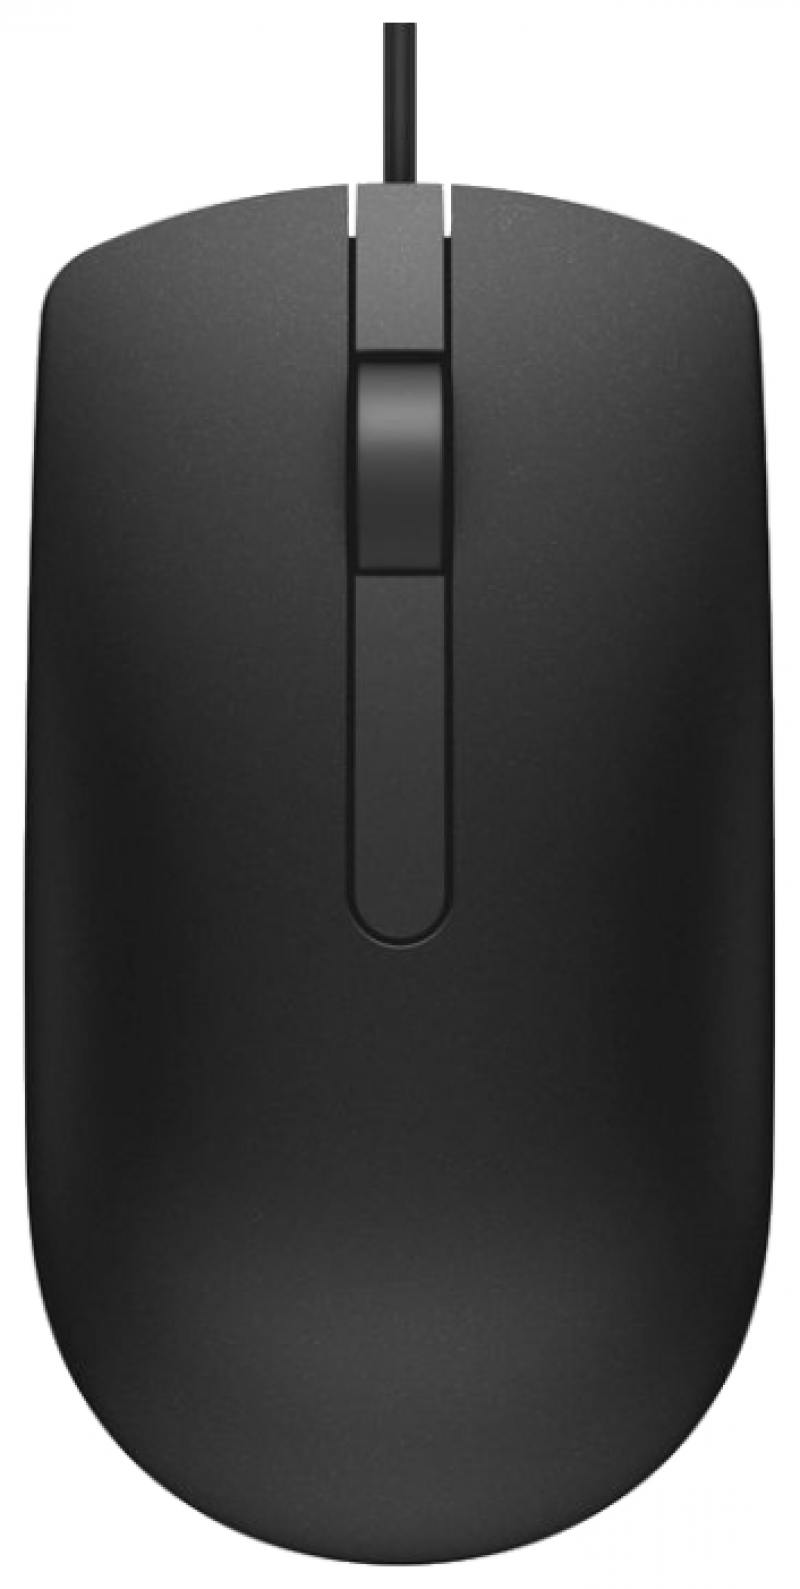 Мышь DELL MS116 Black USB проводная, оптическая, 1000 dpi, 2 кнопок + колесо мышь a4tech bloody n50 neon black usb проводная оптическая 2000 dpi 7 кнопок колесо